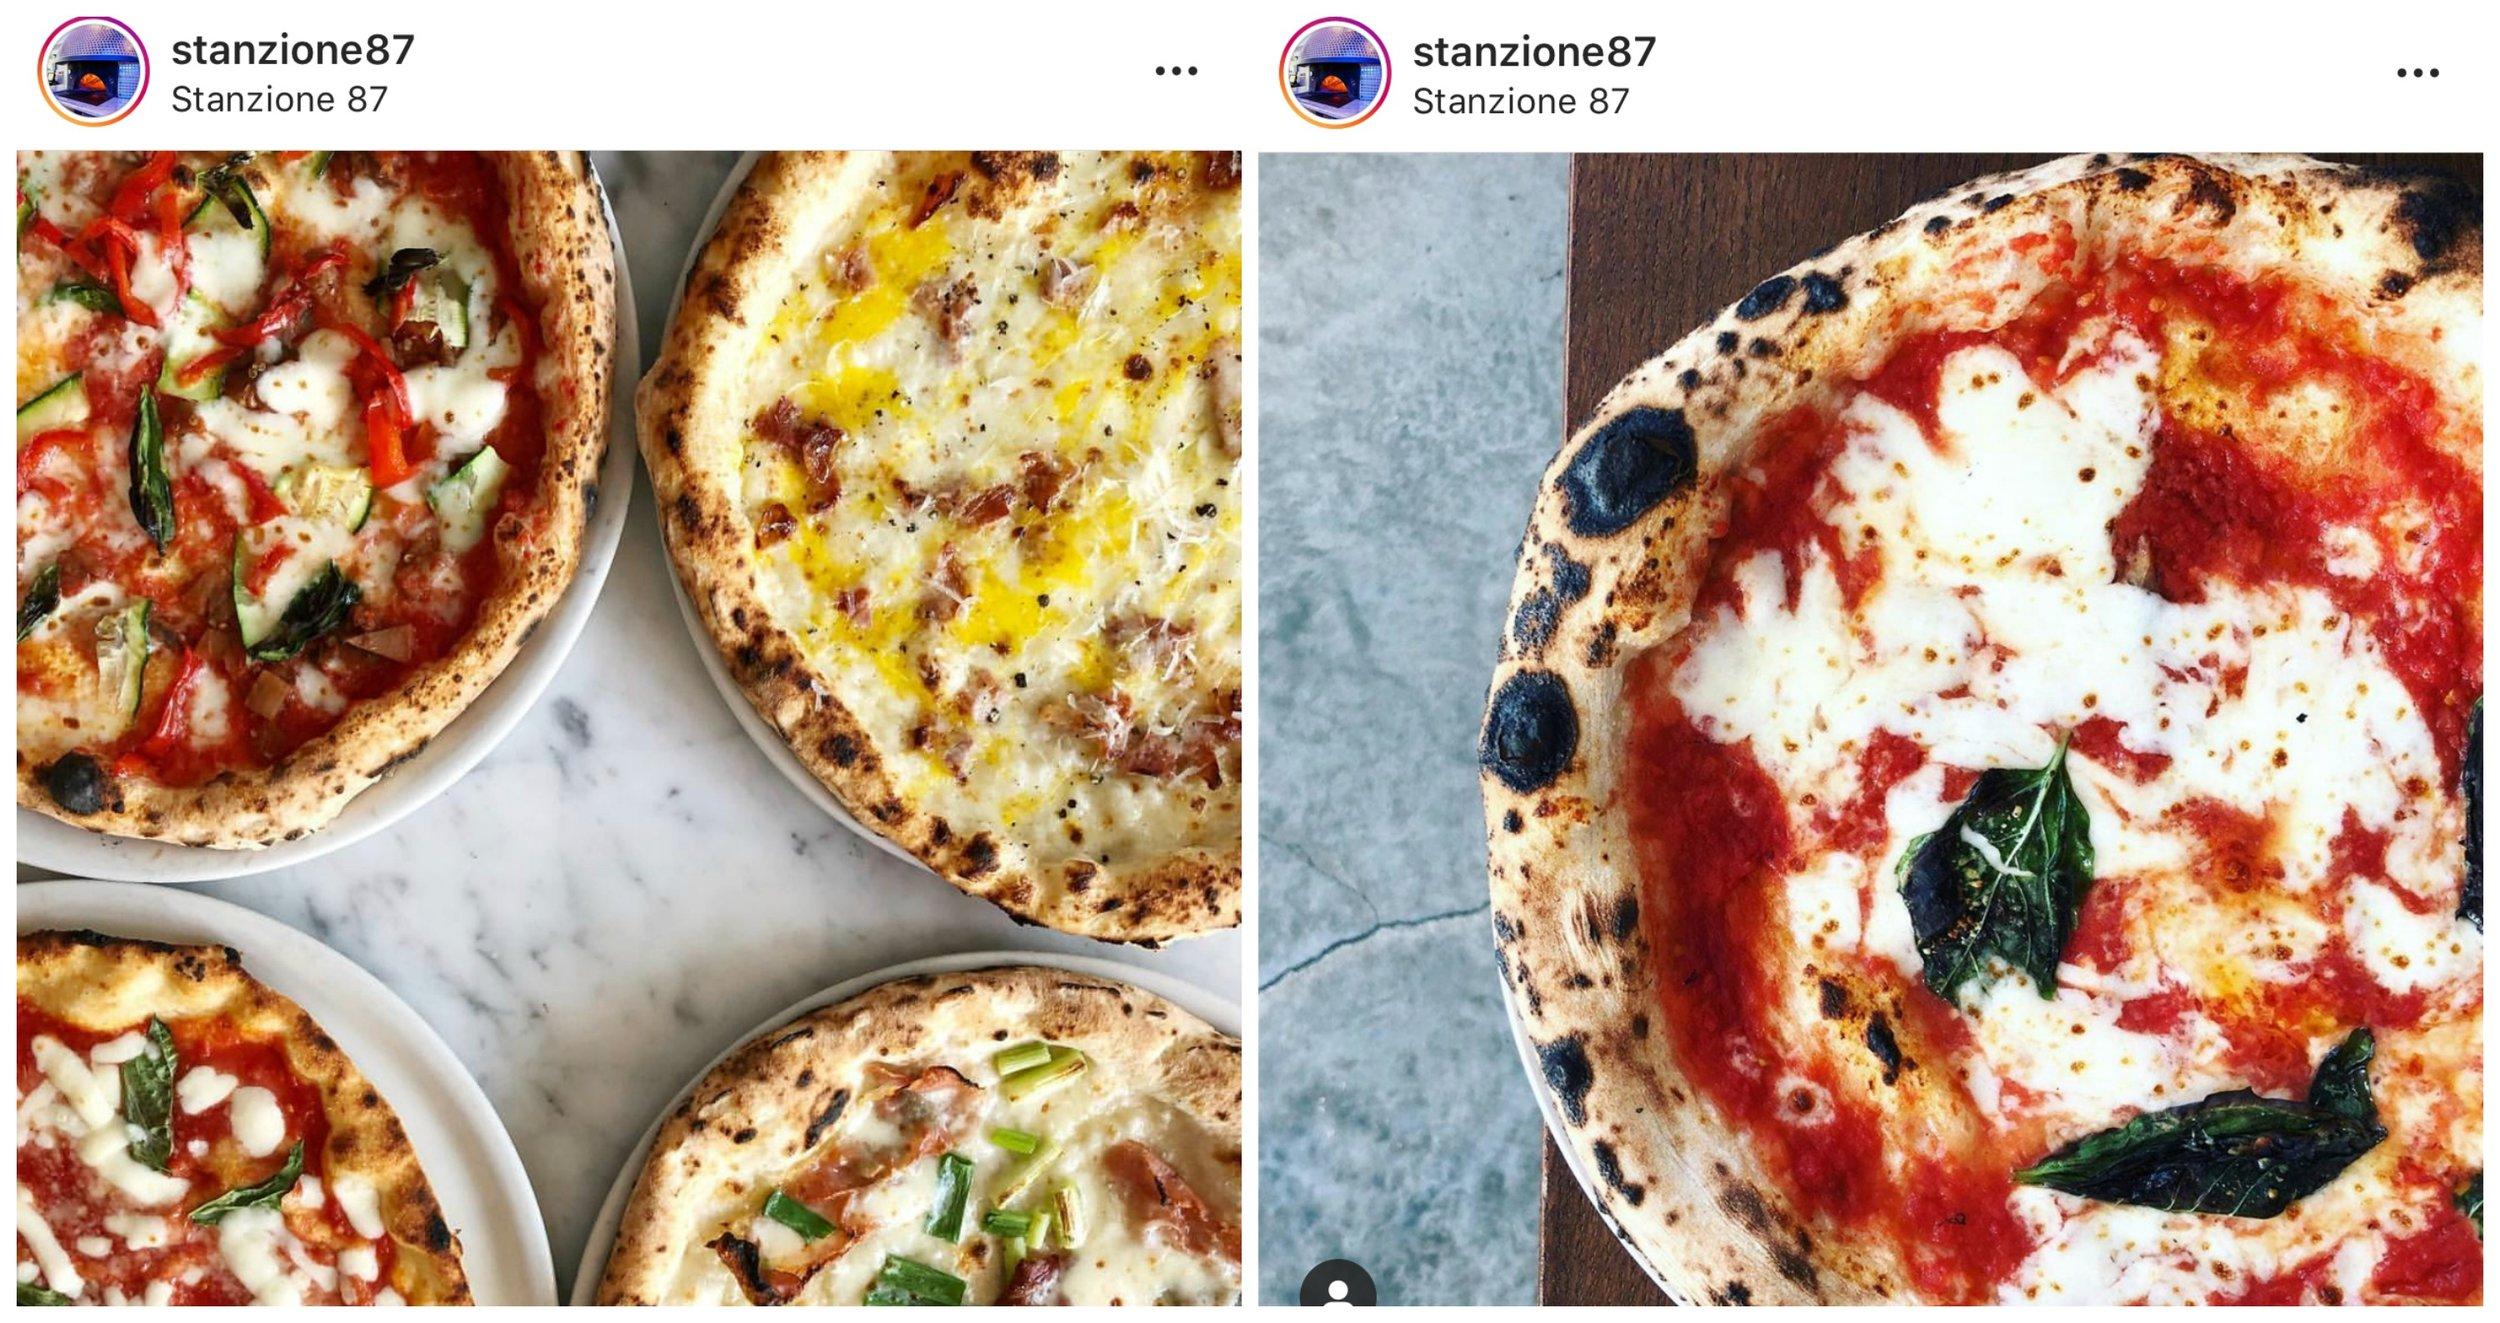 Stanzione 87 Miami Pizza